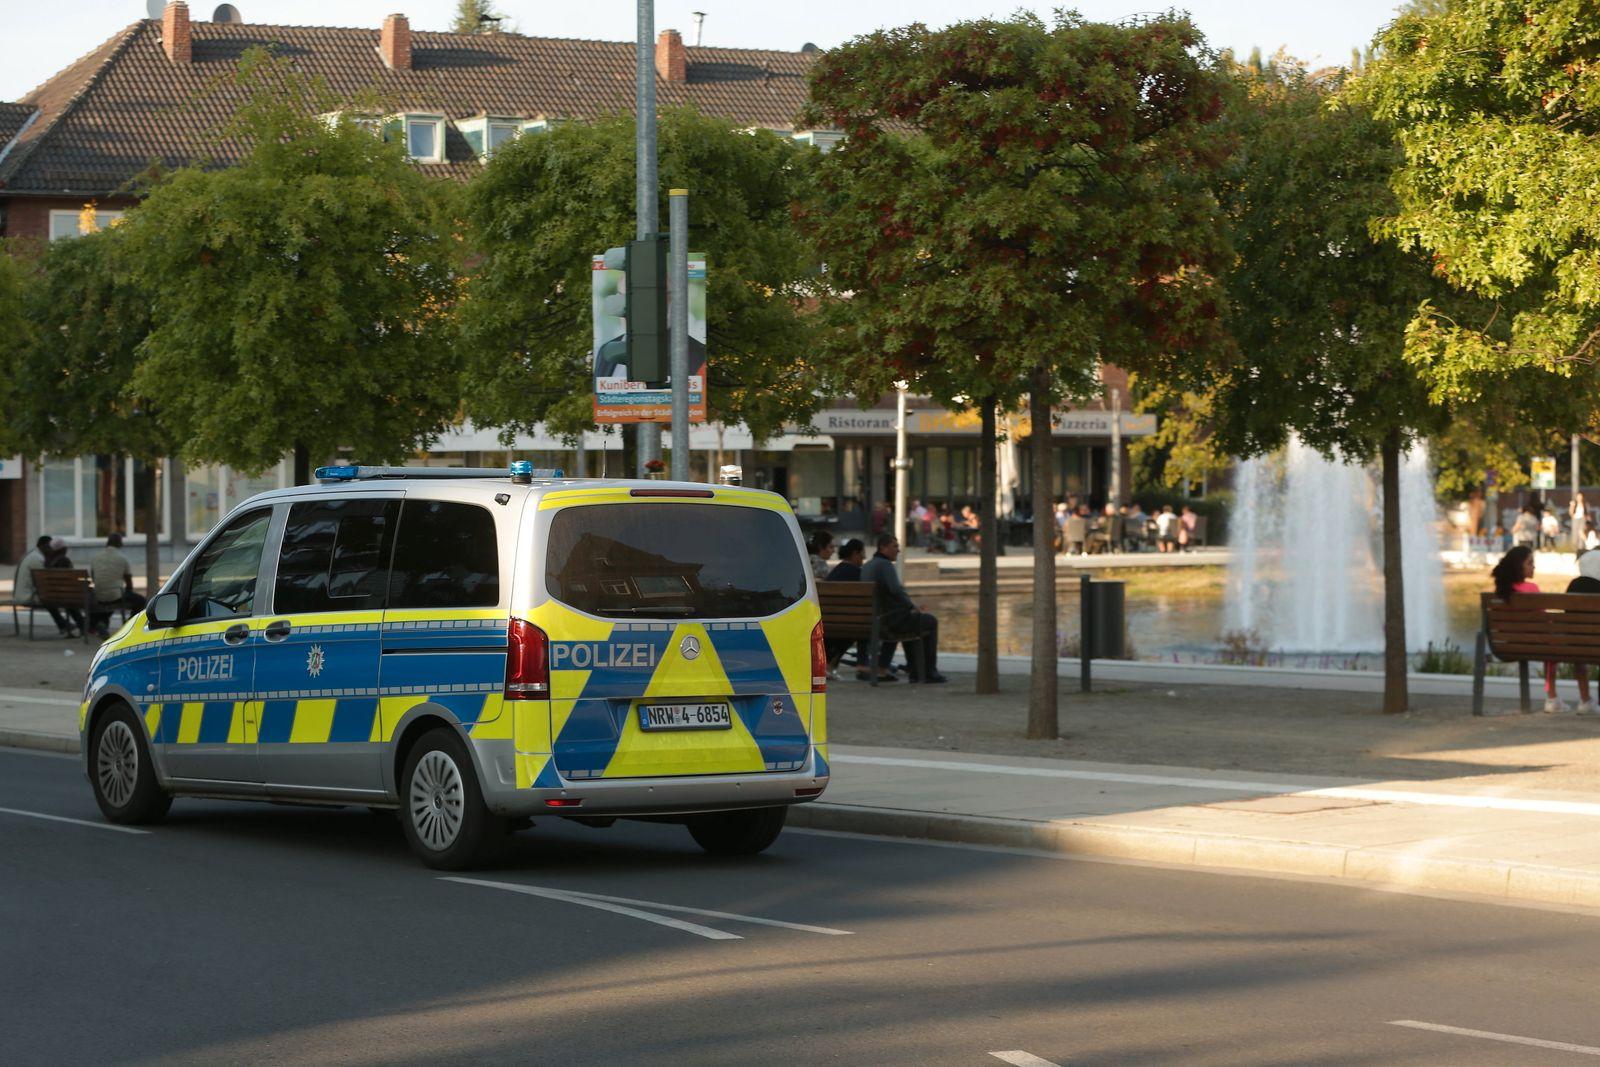 Mutmaßlich islamistische Attacke in Stolberg